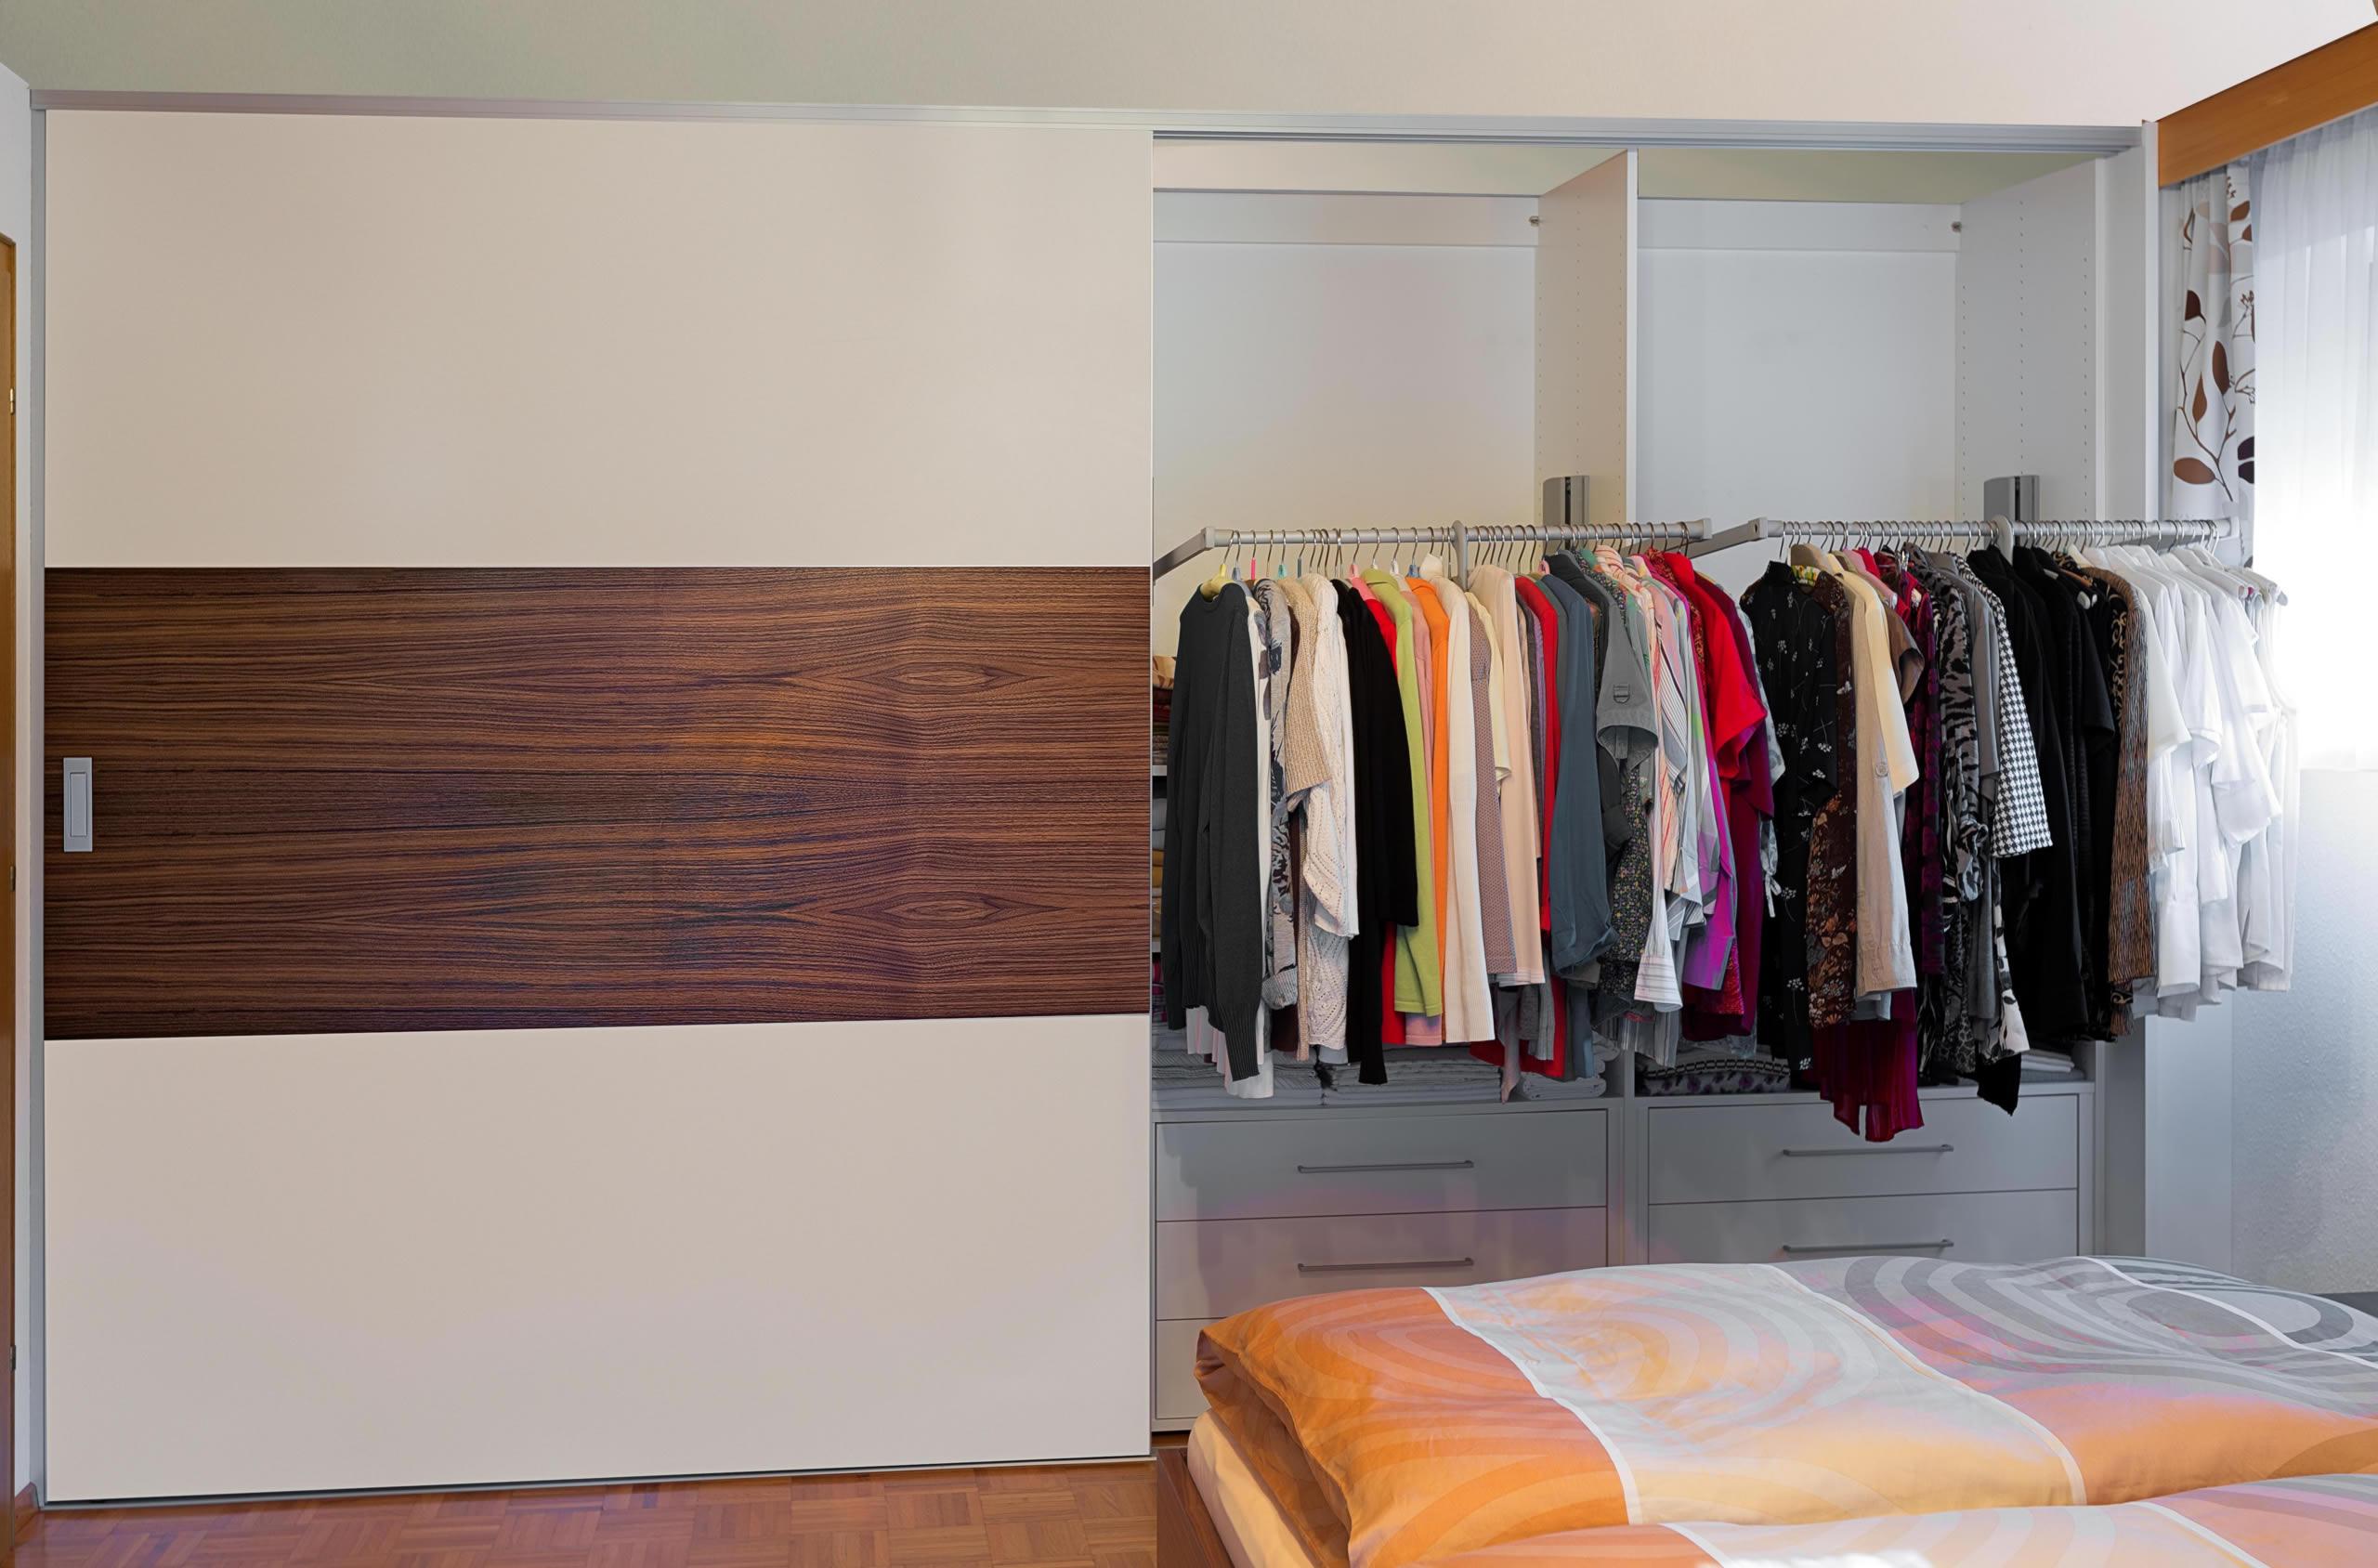 einbauschrank mit berbreiten schiebet ren im materialwechsel dunkles holz und helles dekor auf zu. Black Bedroom Furniture Sets. Home Design Ideas